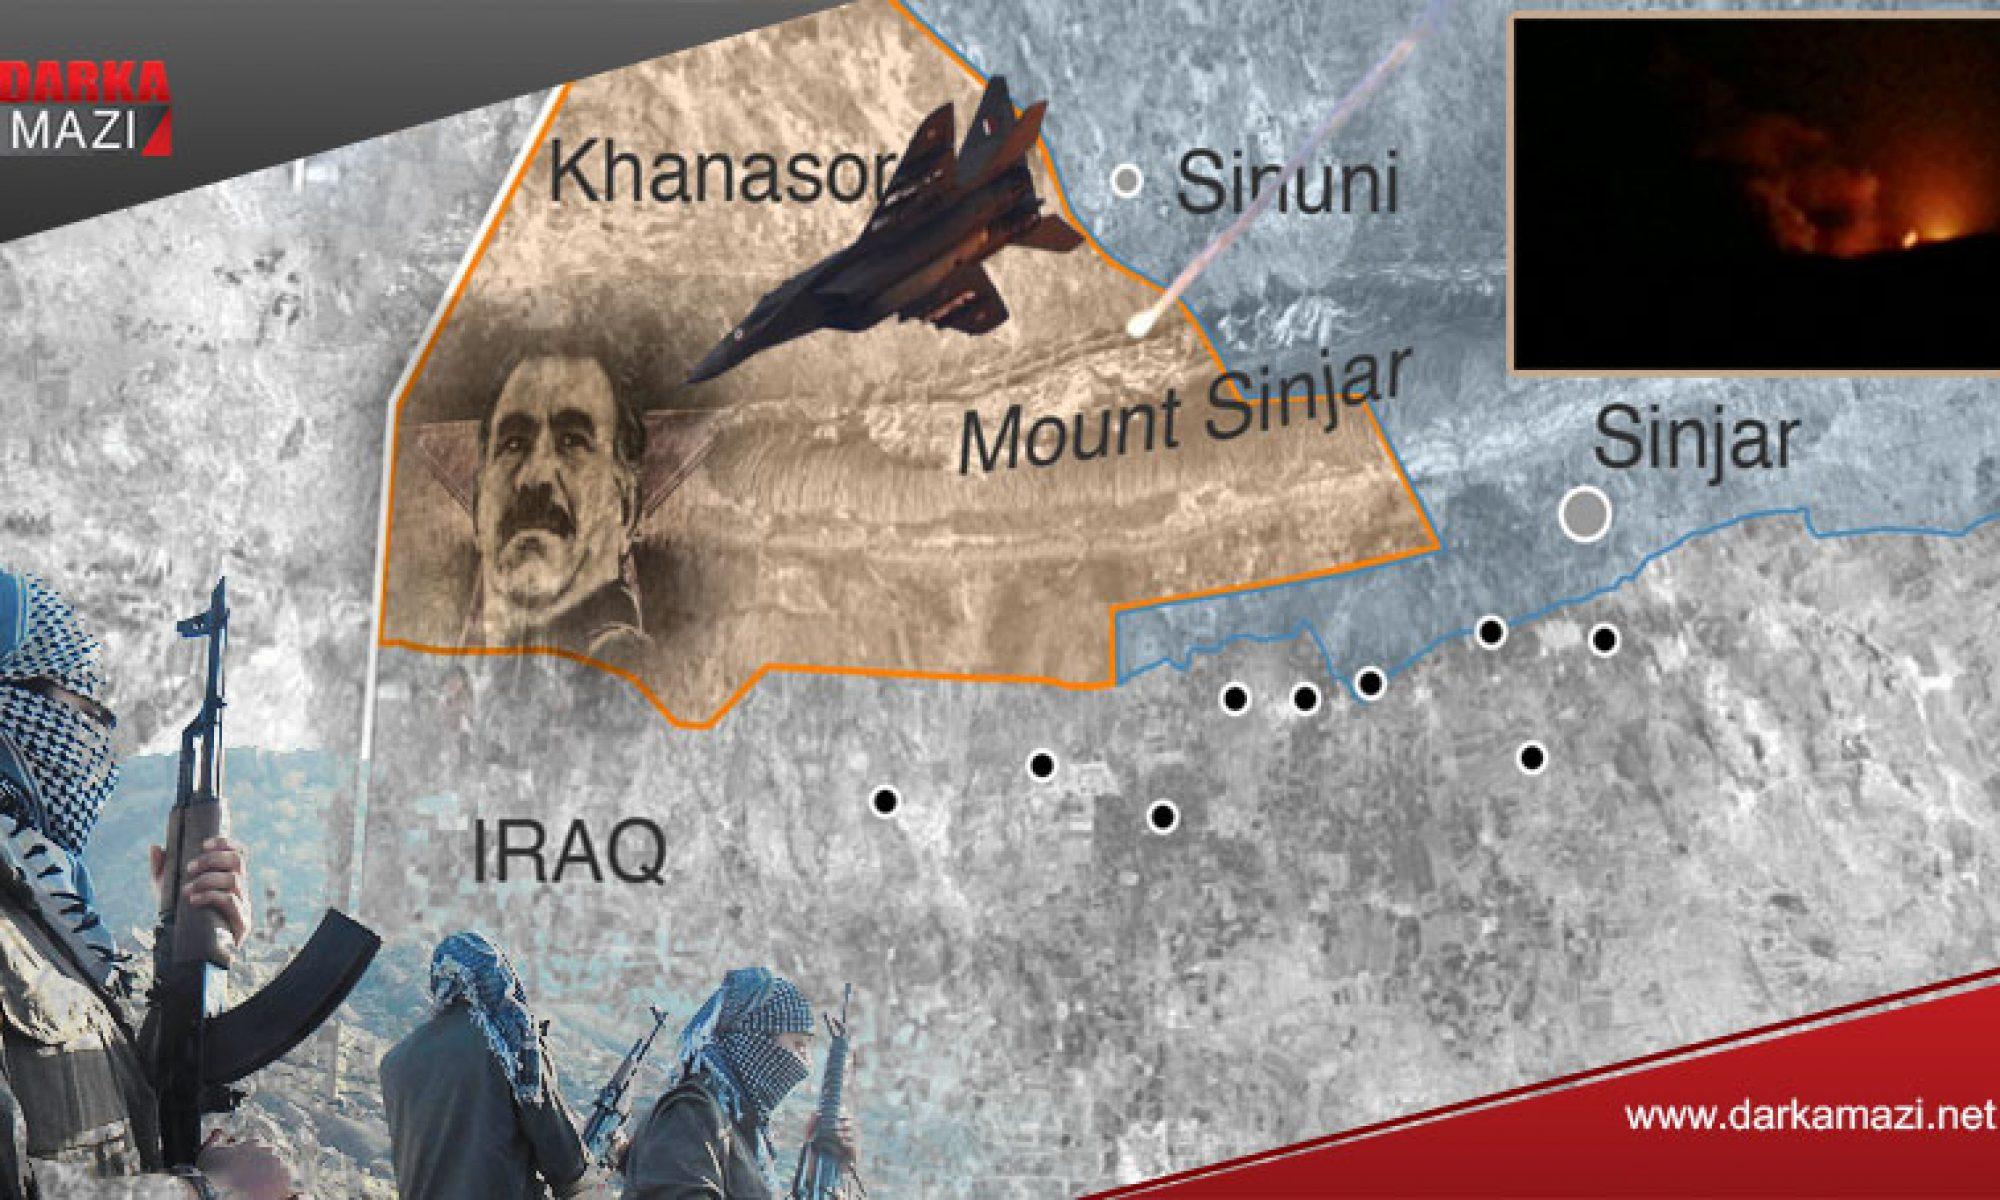 Dün gece Güney Kürdistan'da neler oldu? PKK operasyondan haberdar mıydı? Kartal Pençe, TSK, Şengal, Kandil, Maxmur, Avaşin